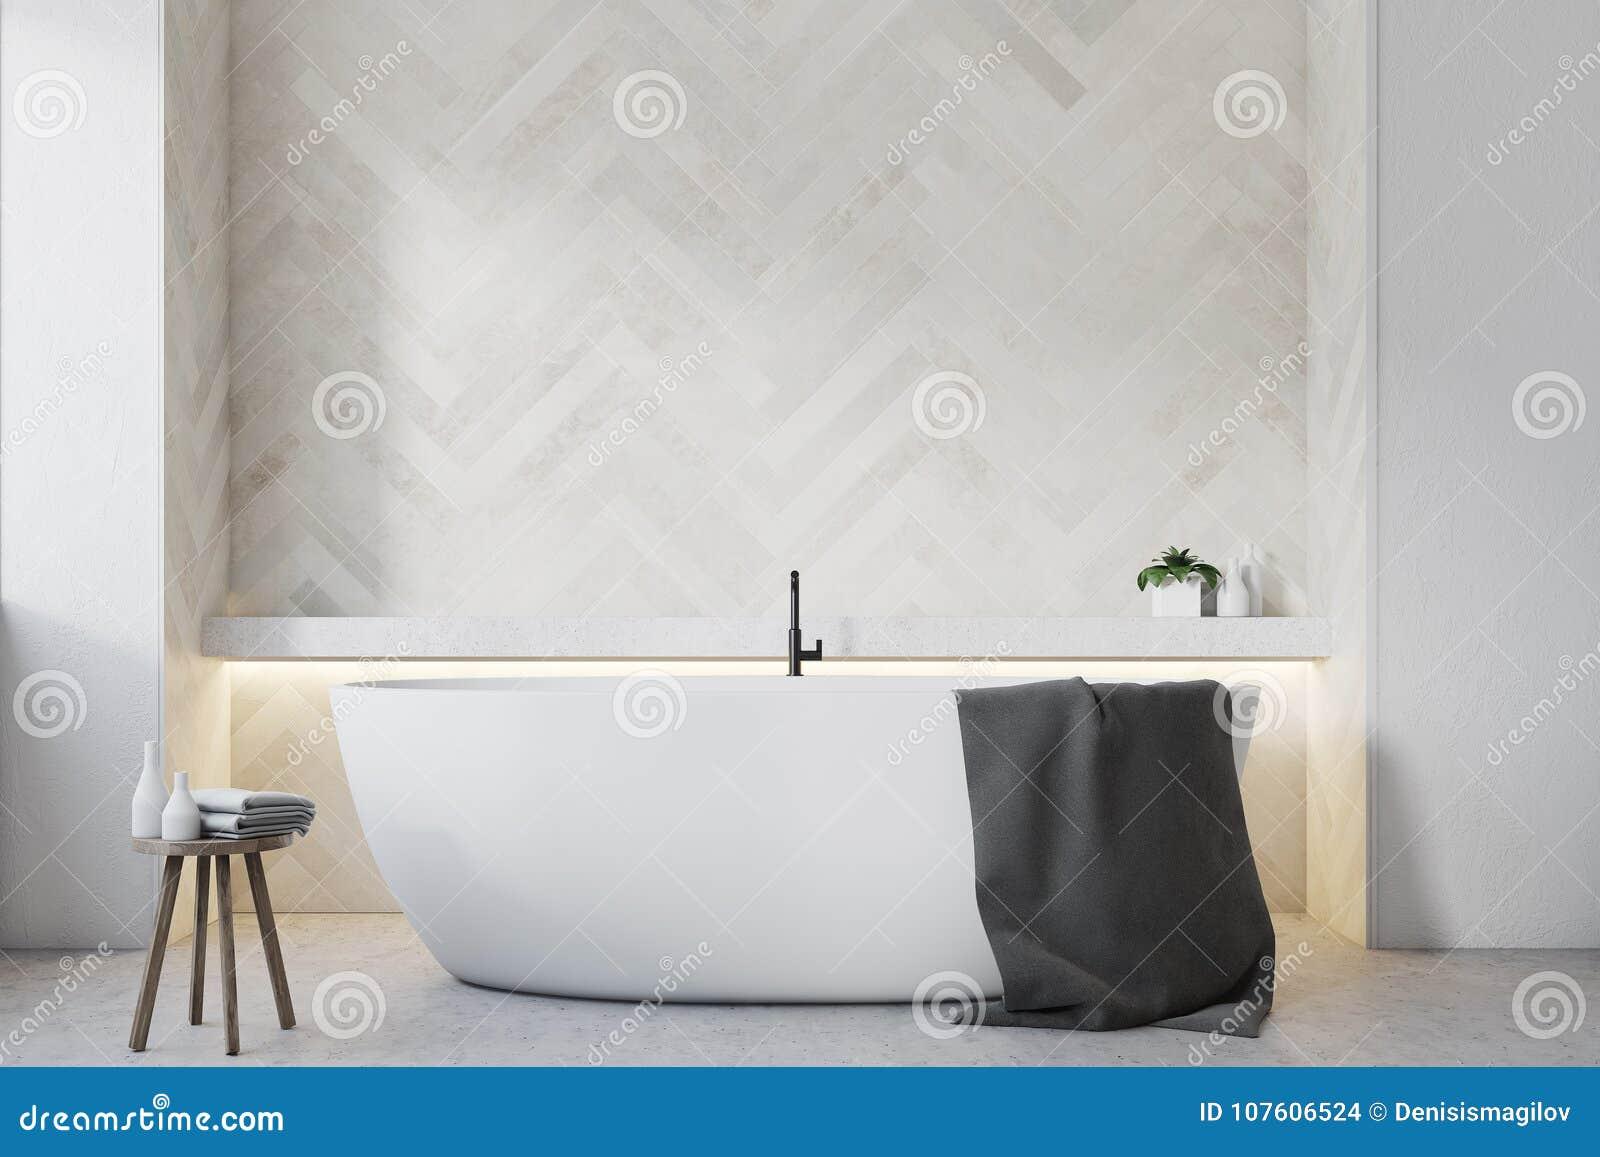 Bagno Legno Bianco : Bagno di legno bianco fine rotonda della vasca su illustrazione